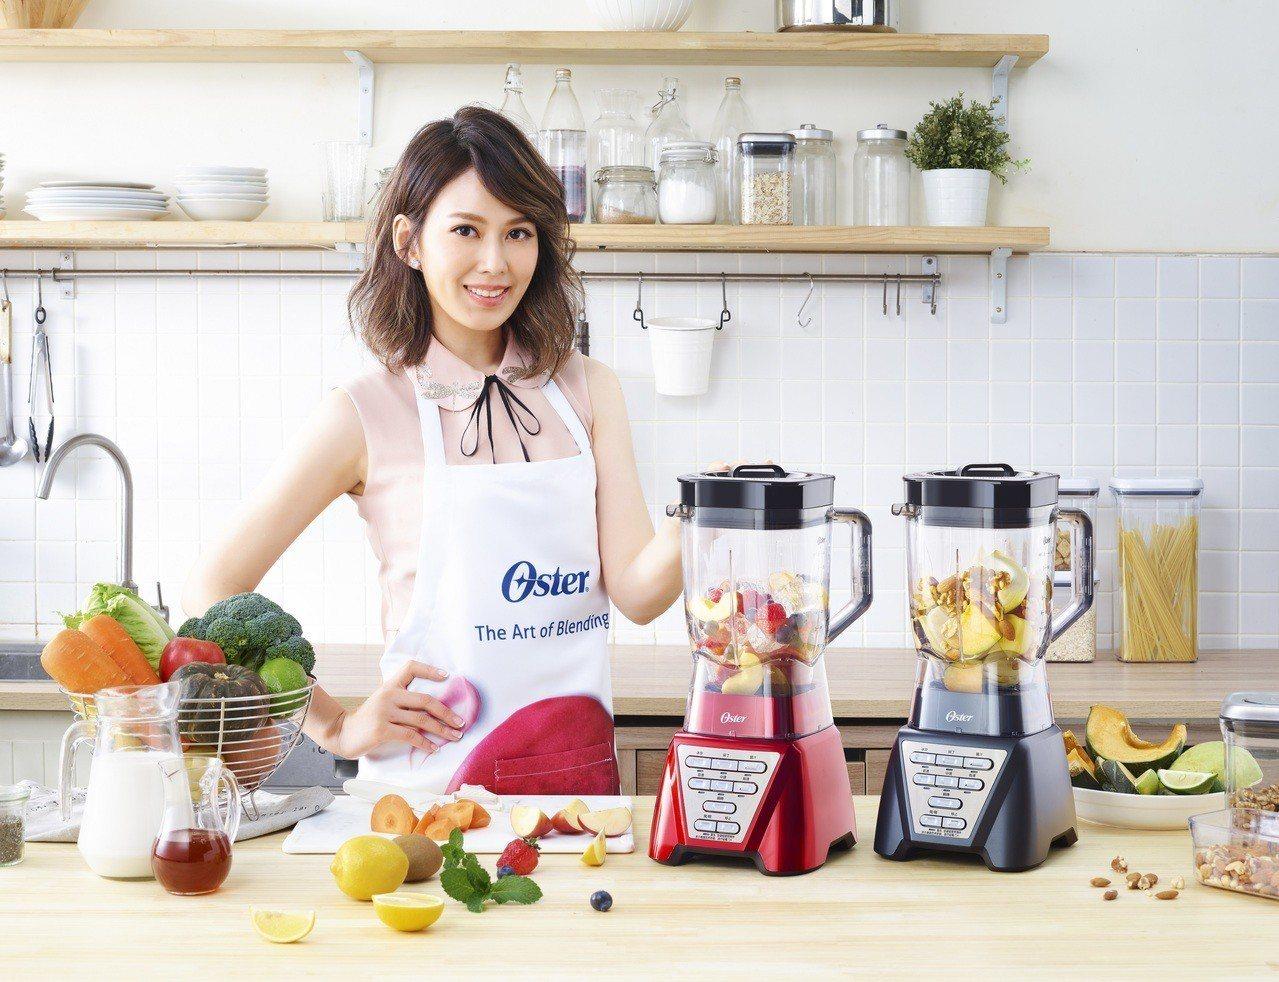 利用Oster DualPro智慧雙向全能調理機製作的莎莎醬與莓果冰沙,是Mel...